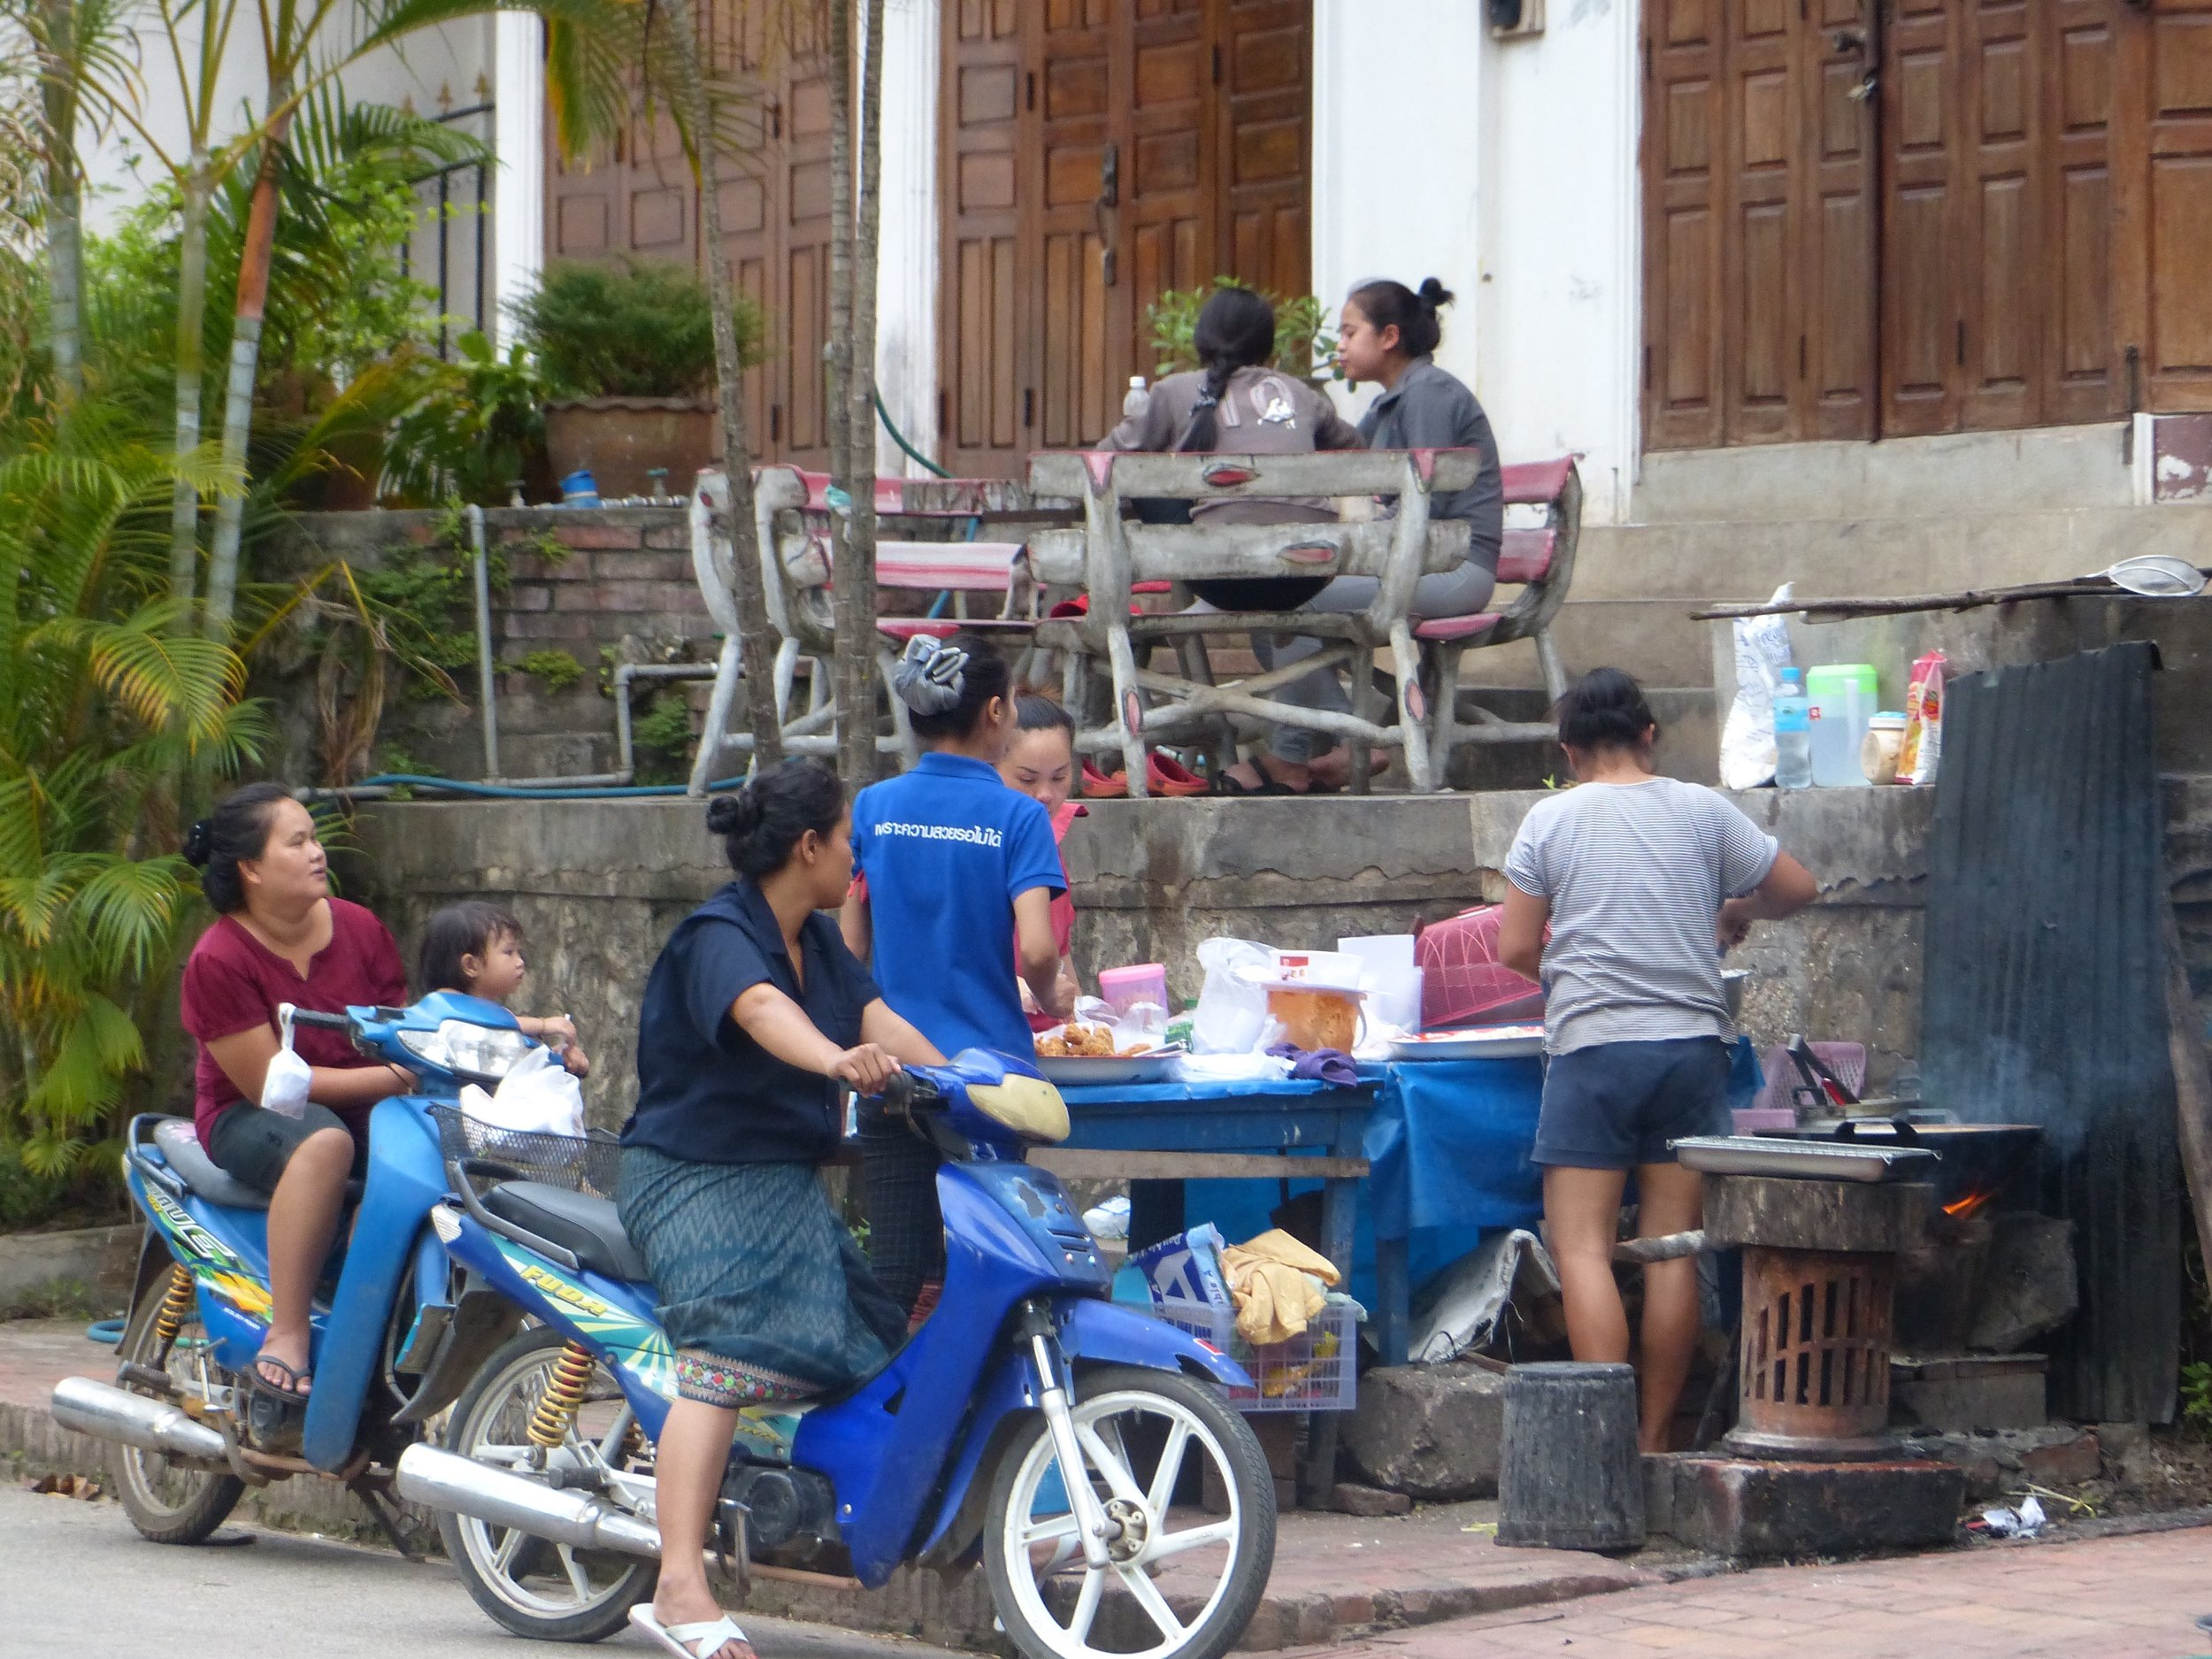 Streetside pick-up in Luang Prabang